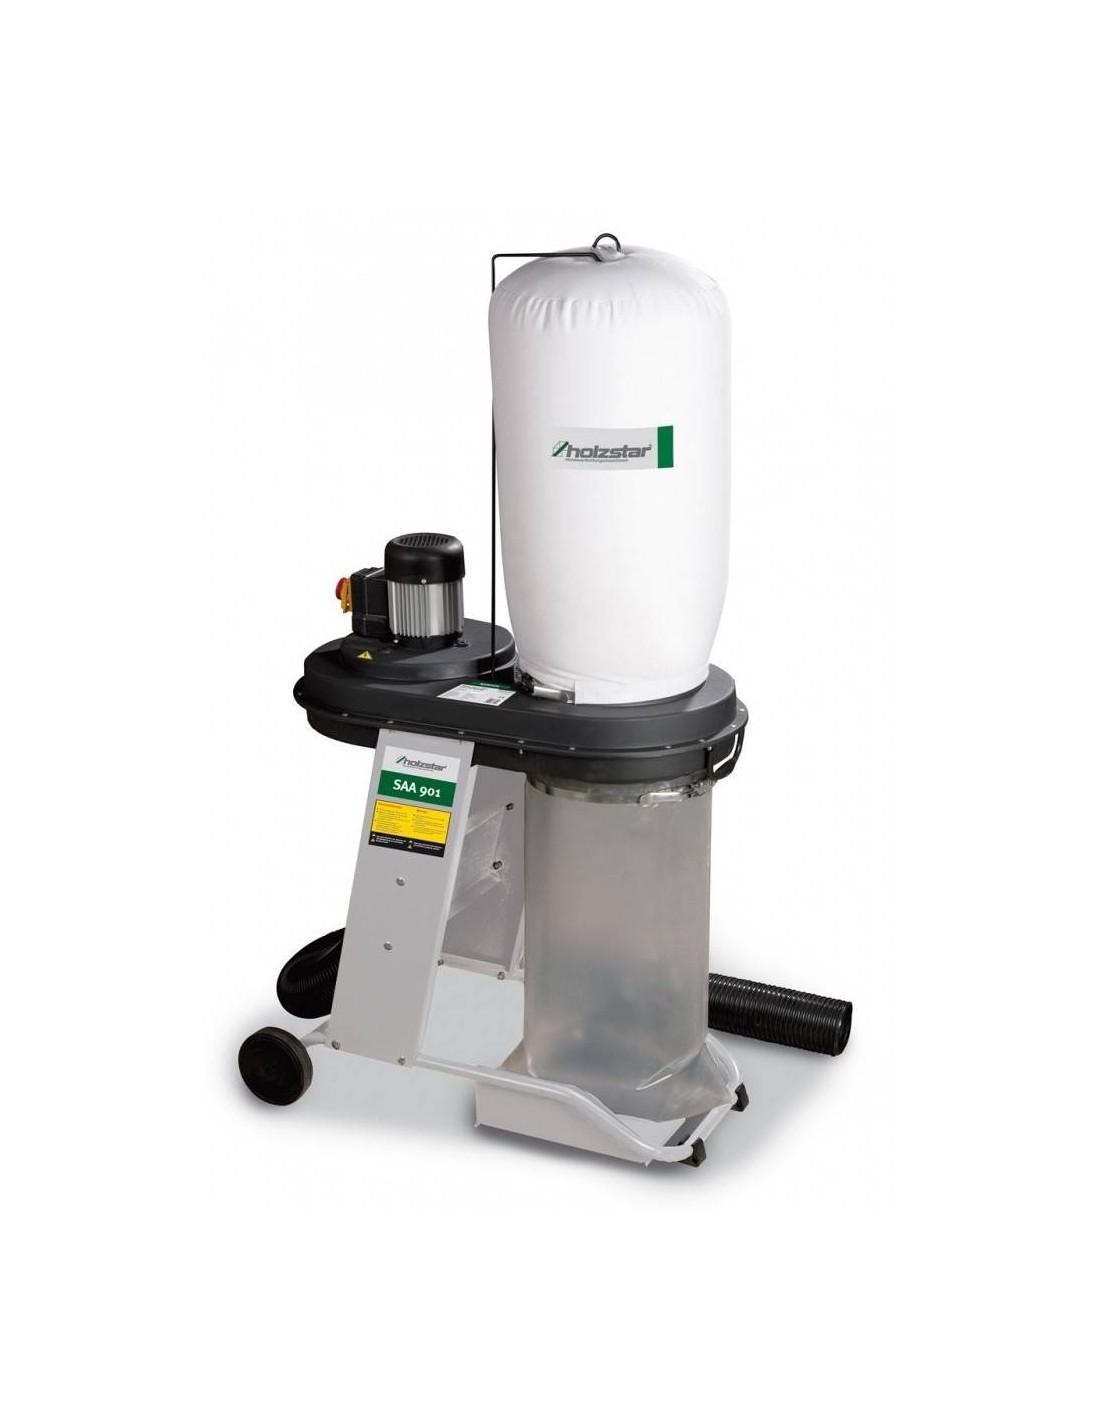 Exhaustor Holzstar SAA 901 - 230 V